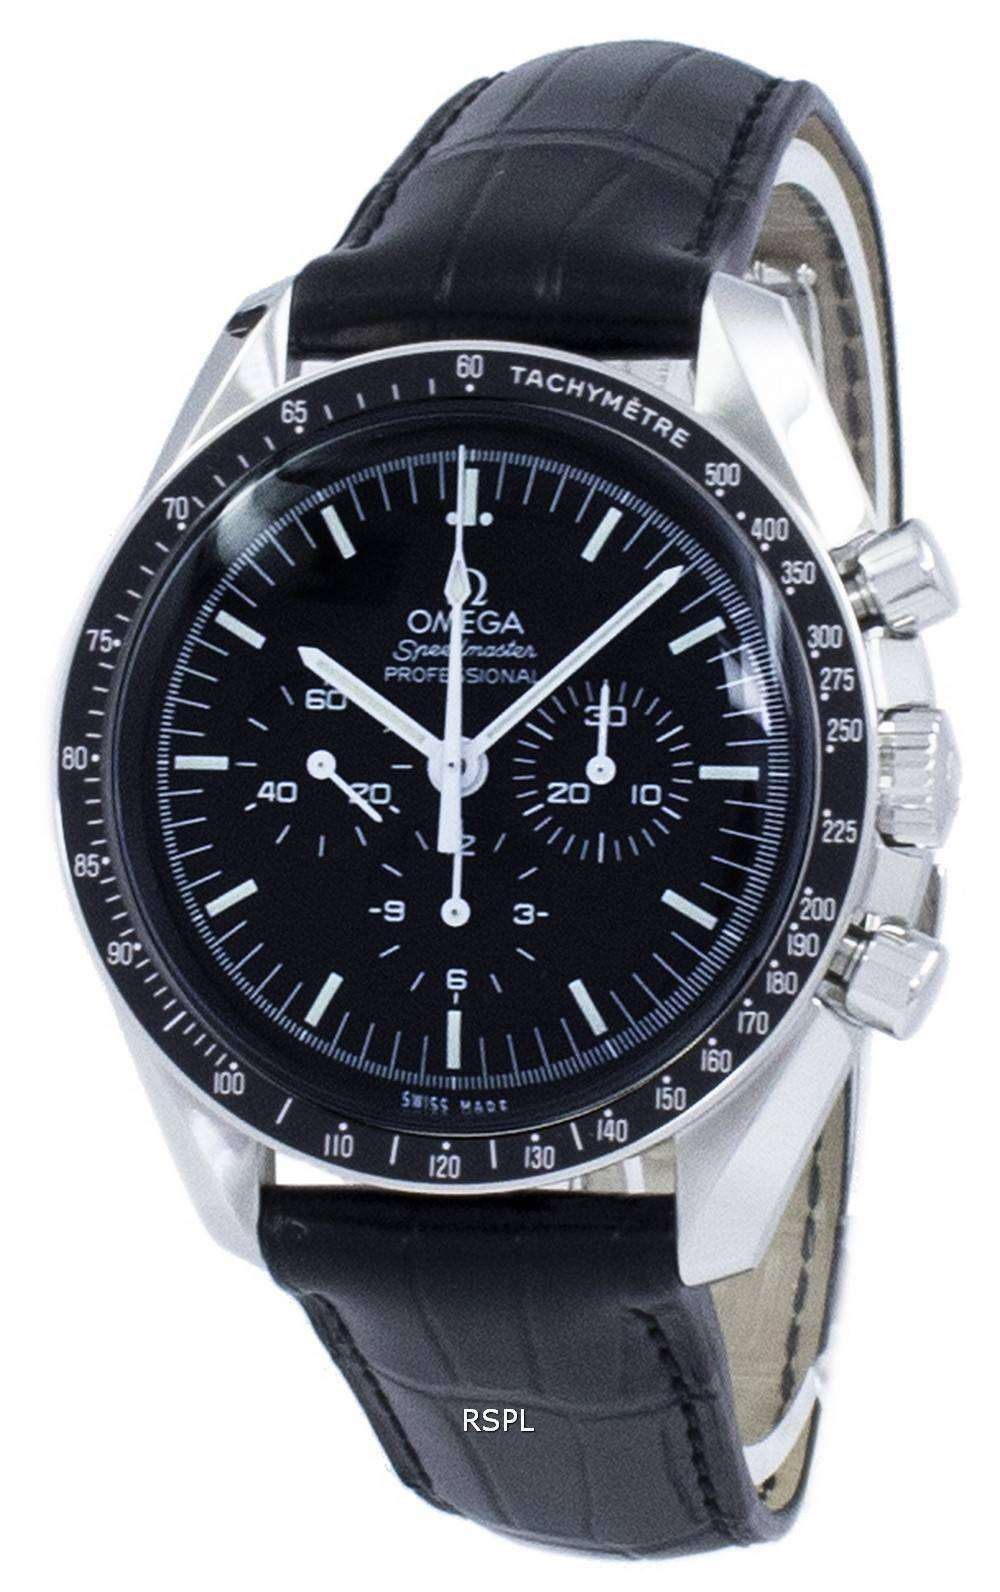 オメガ スピード マスター プロフェッショナル Moonwatch クロノグラフ 311.33.42.30.01.001 メンズ腕時計